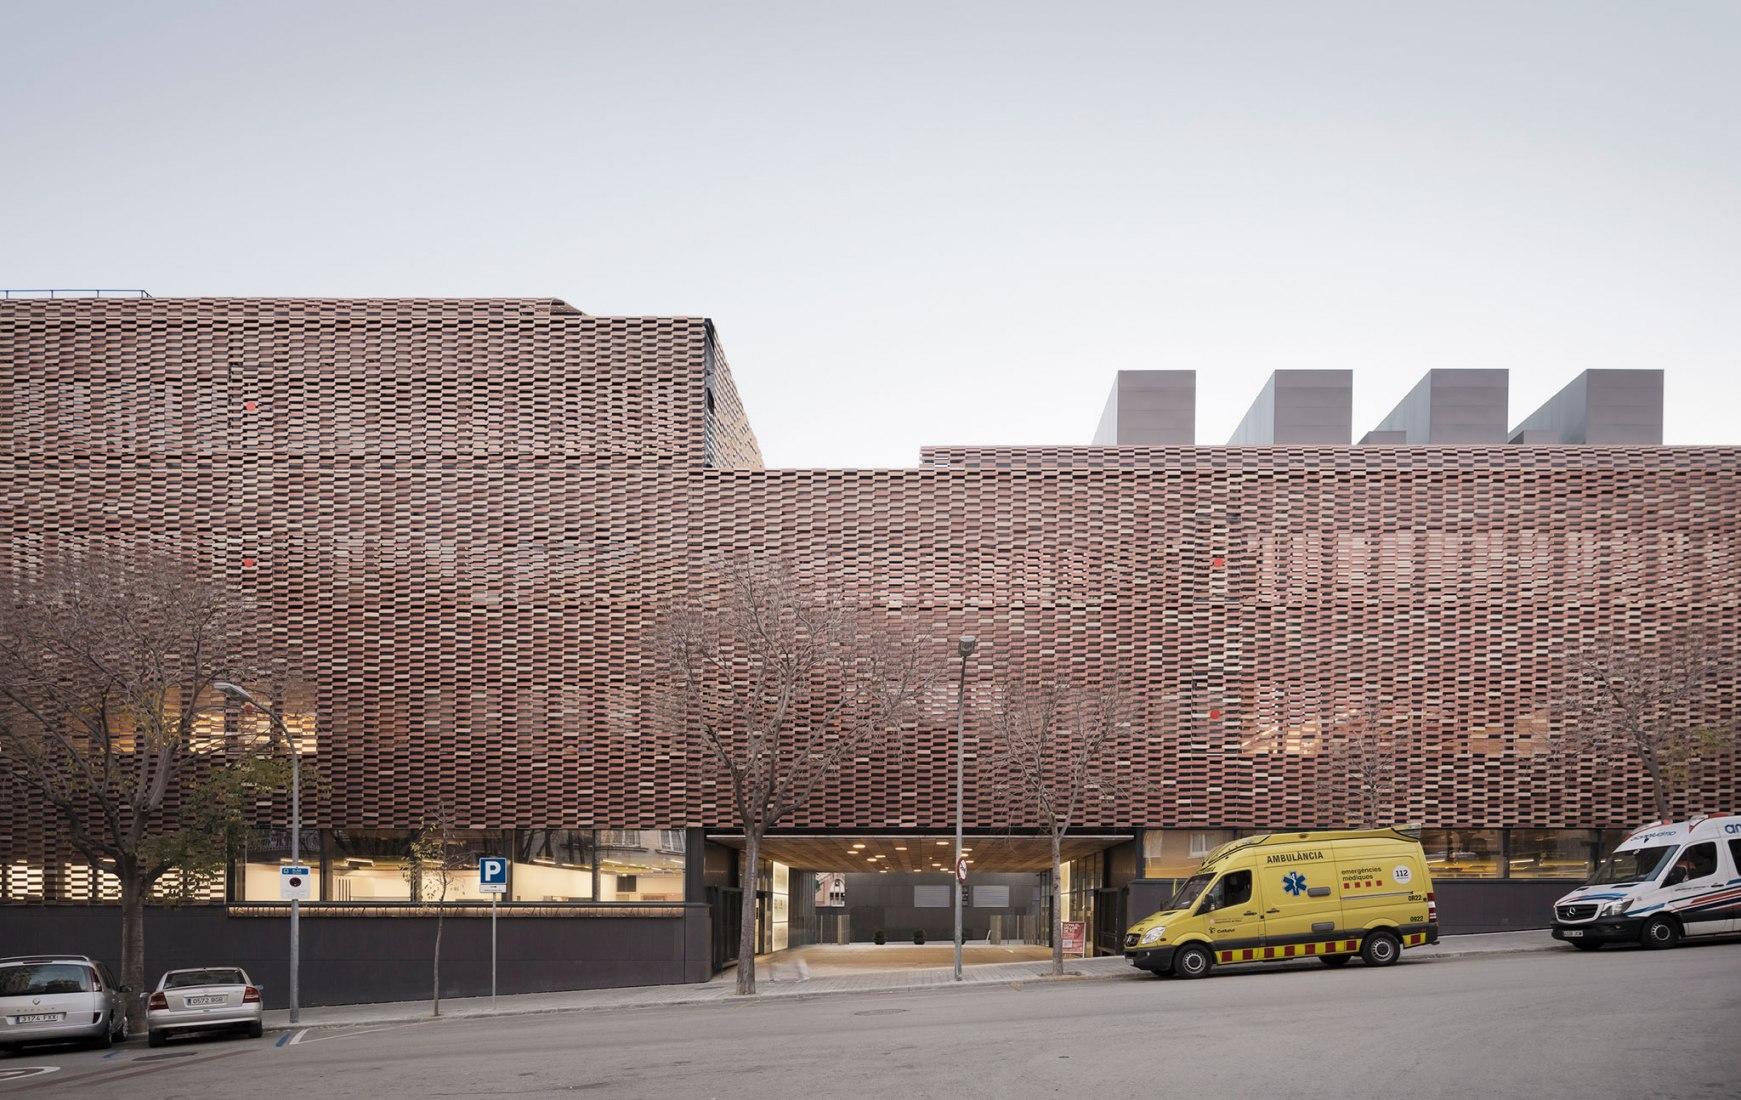 Instituto de Investigación del Hospital de Sant Pau por Pich-Aguilera. Fotografía por Aldo Amoretti.